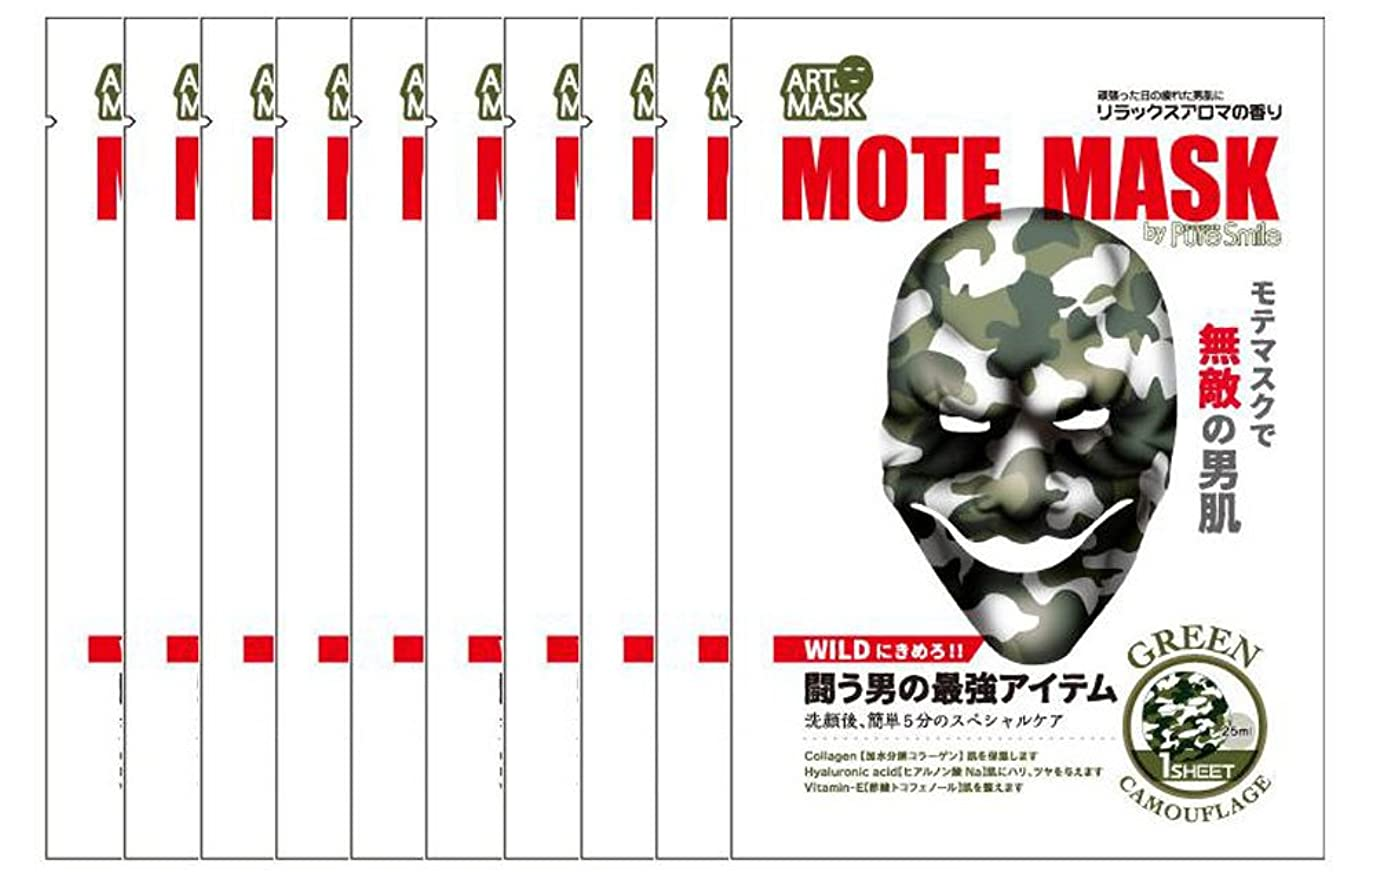 視聴者羽改善するピュアスマイル アートマスク モテマスク MA-01 リラックスアロマの香り 1枚入り ×10セット